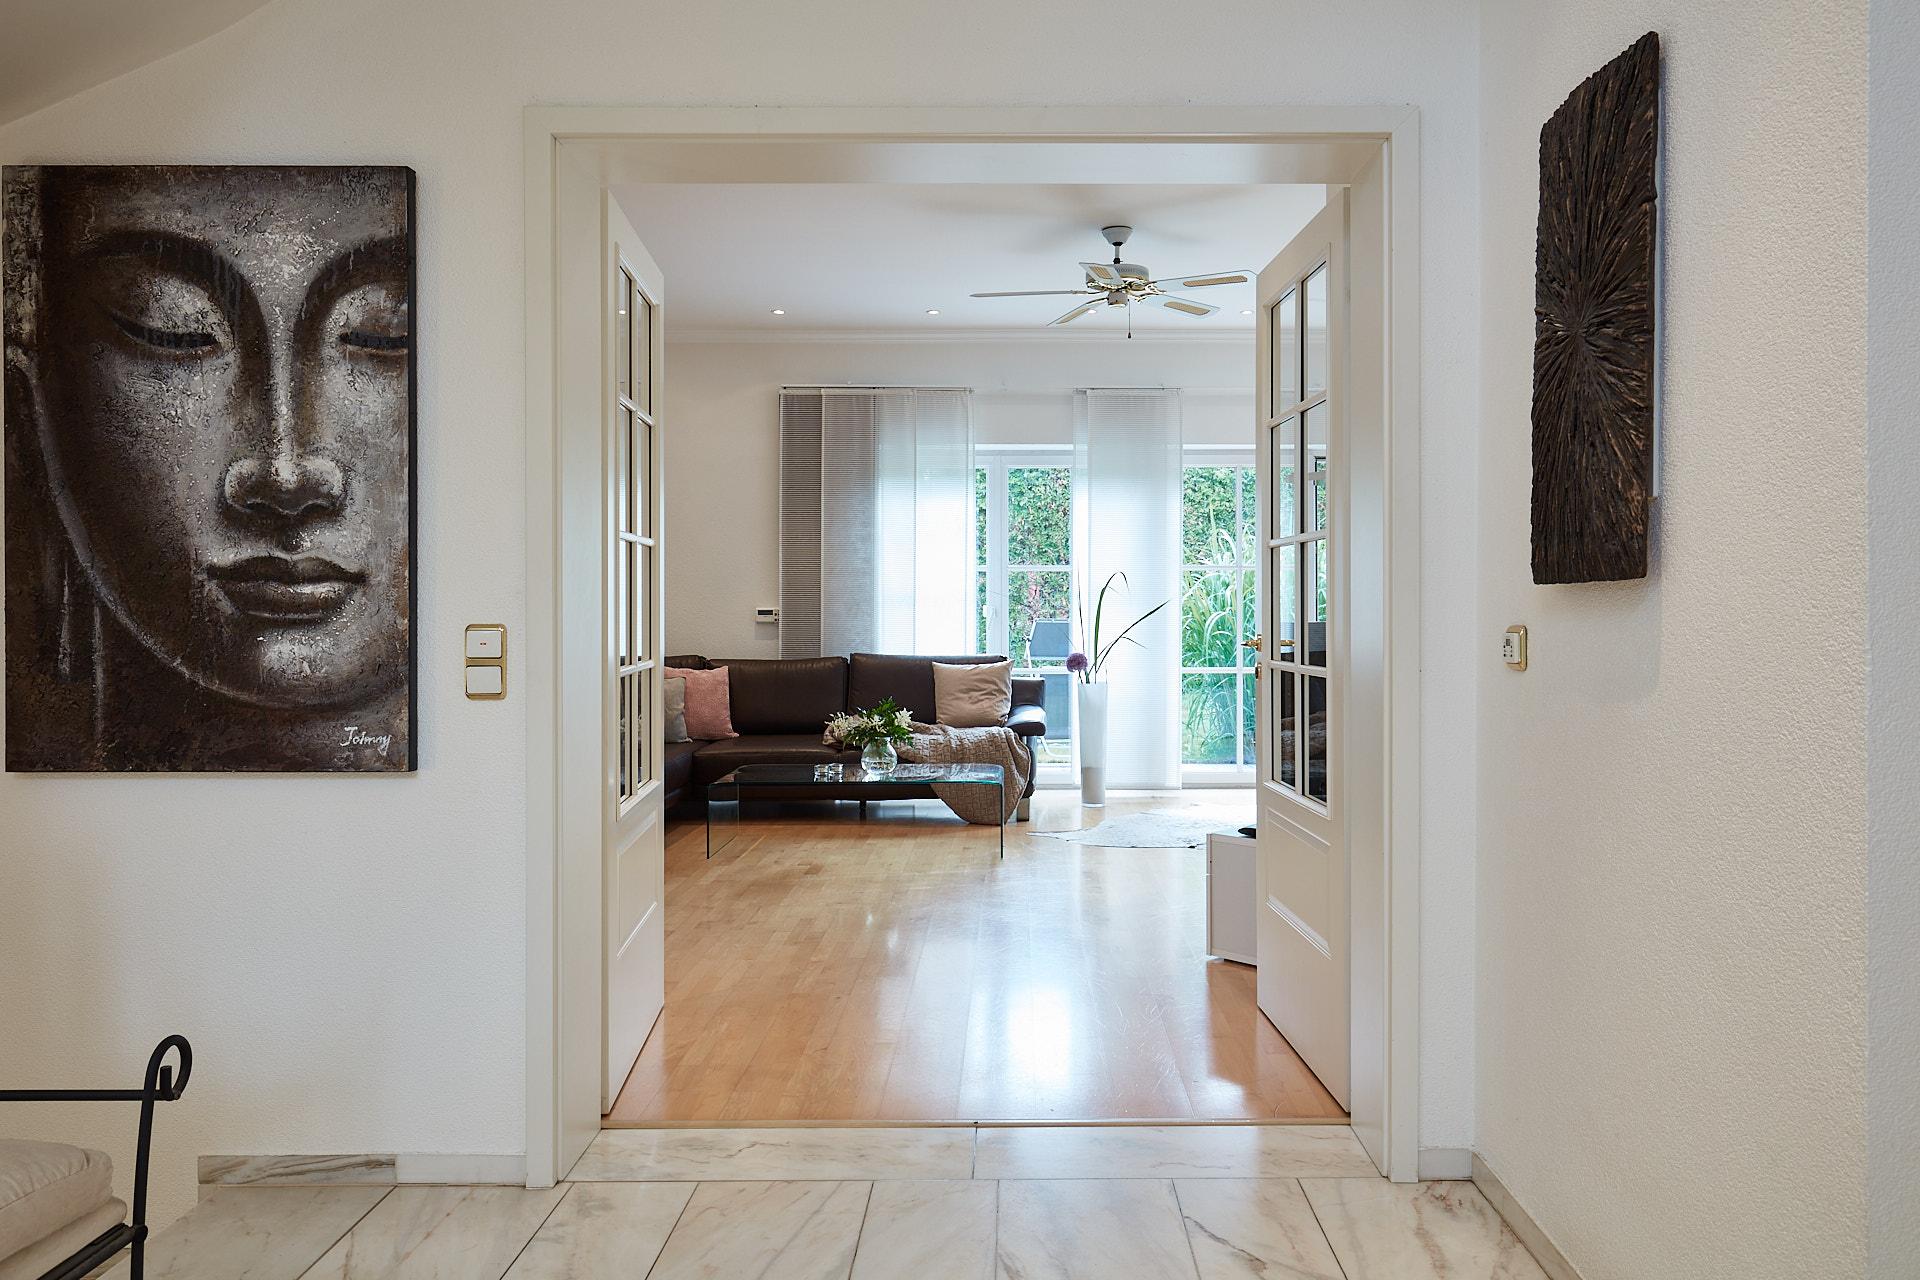 Großzügiger Eingangsbereich einer Villa mit Flügeltüren zum Wohnbereich.